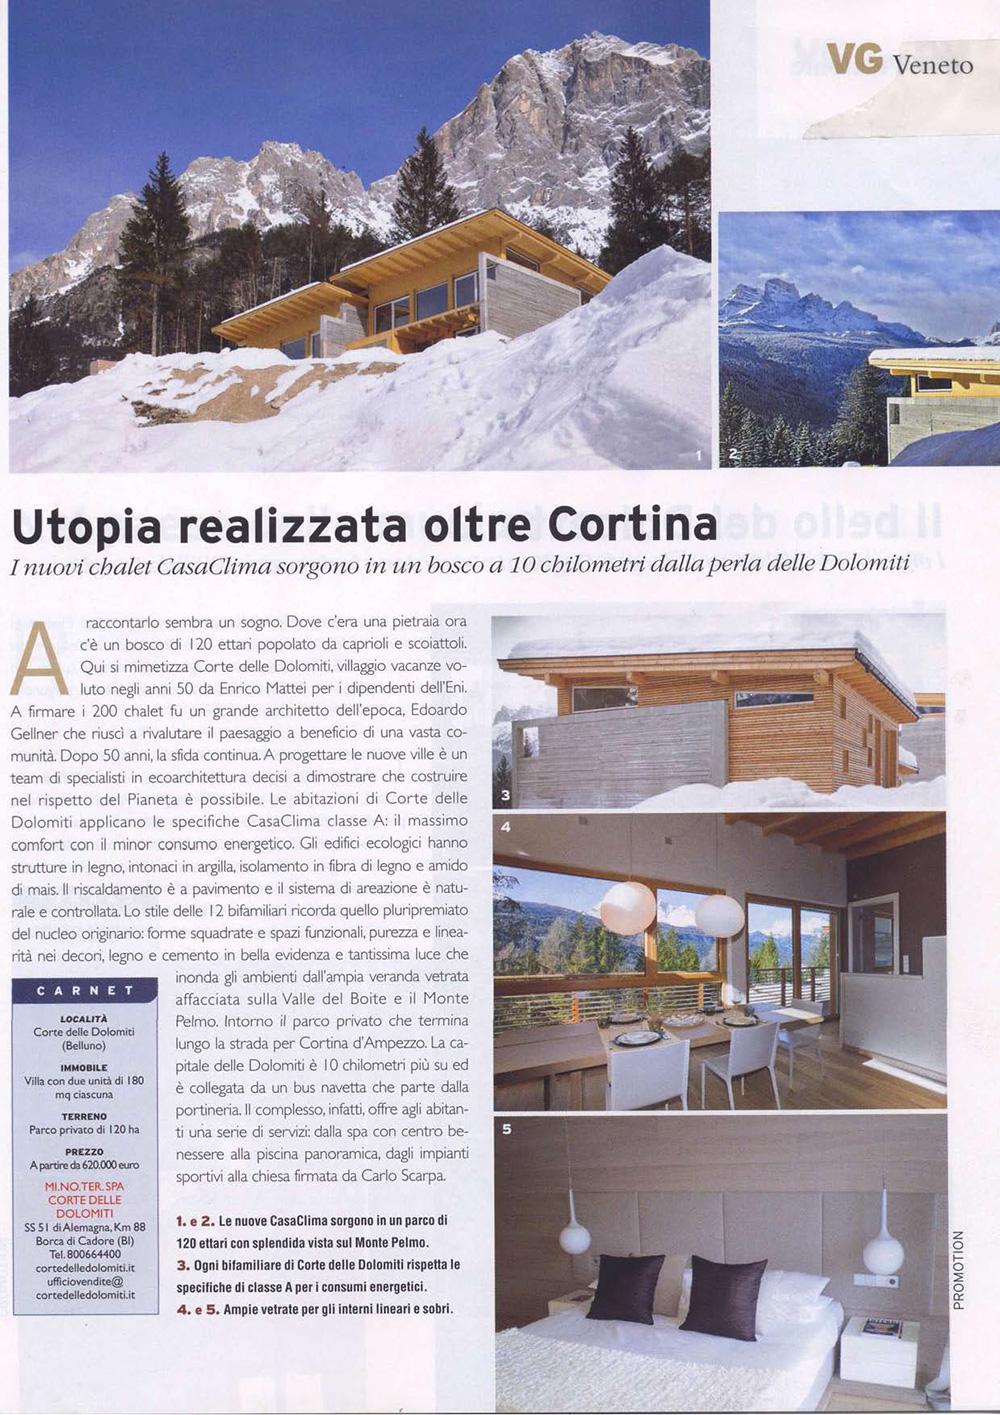 Utopia realizzata oltre Cortina